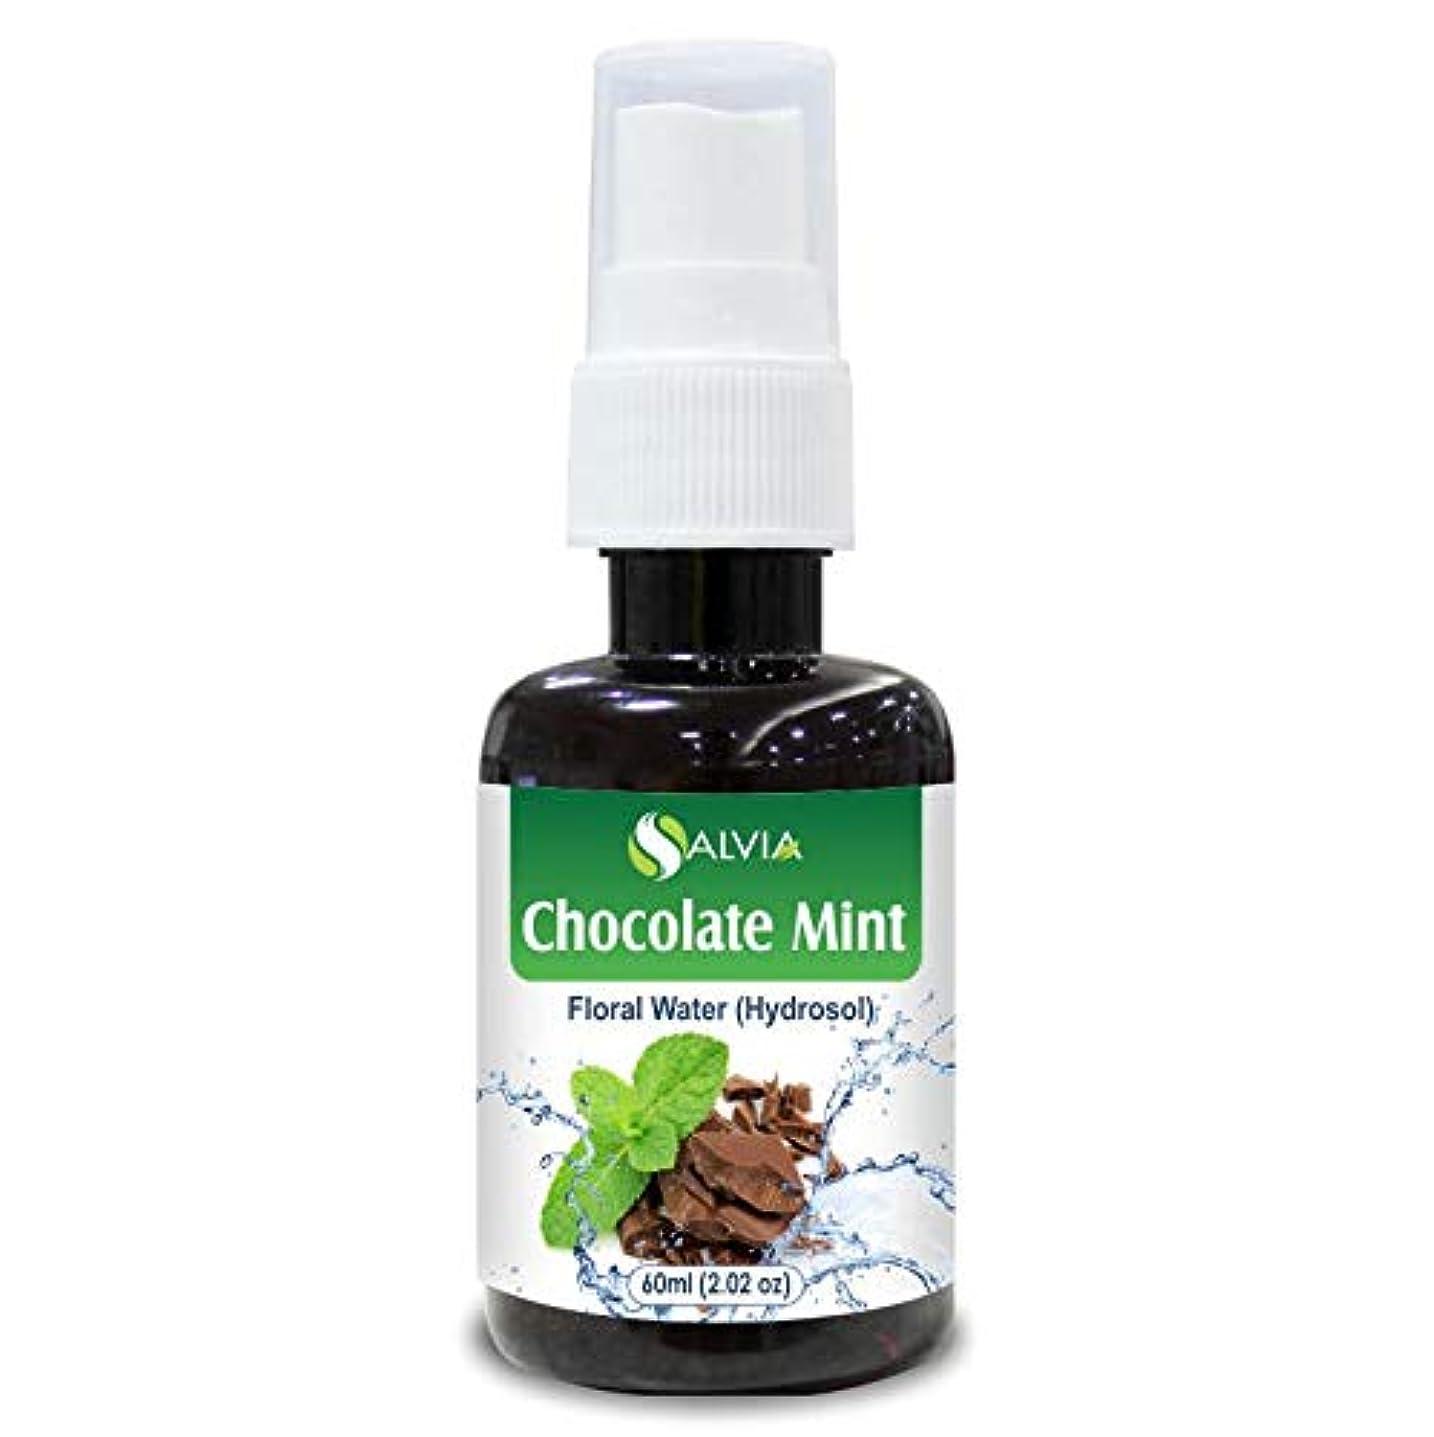 要件冷える印をつけるChocolate Mint Floral Water 60ml (Hydrosol) 100% Pure And Natural